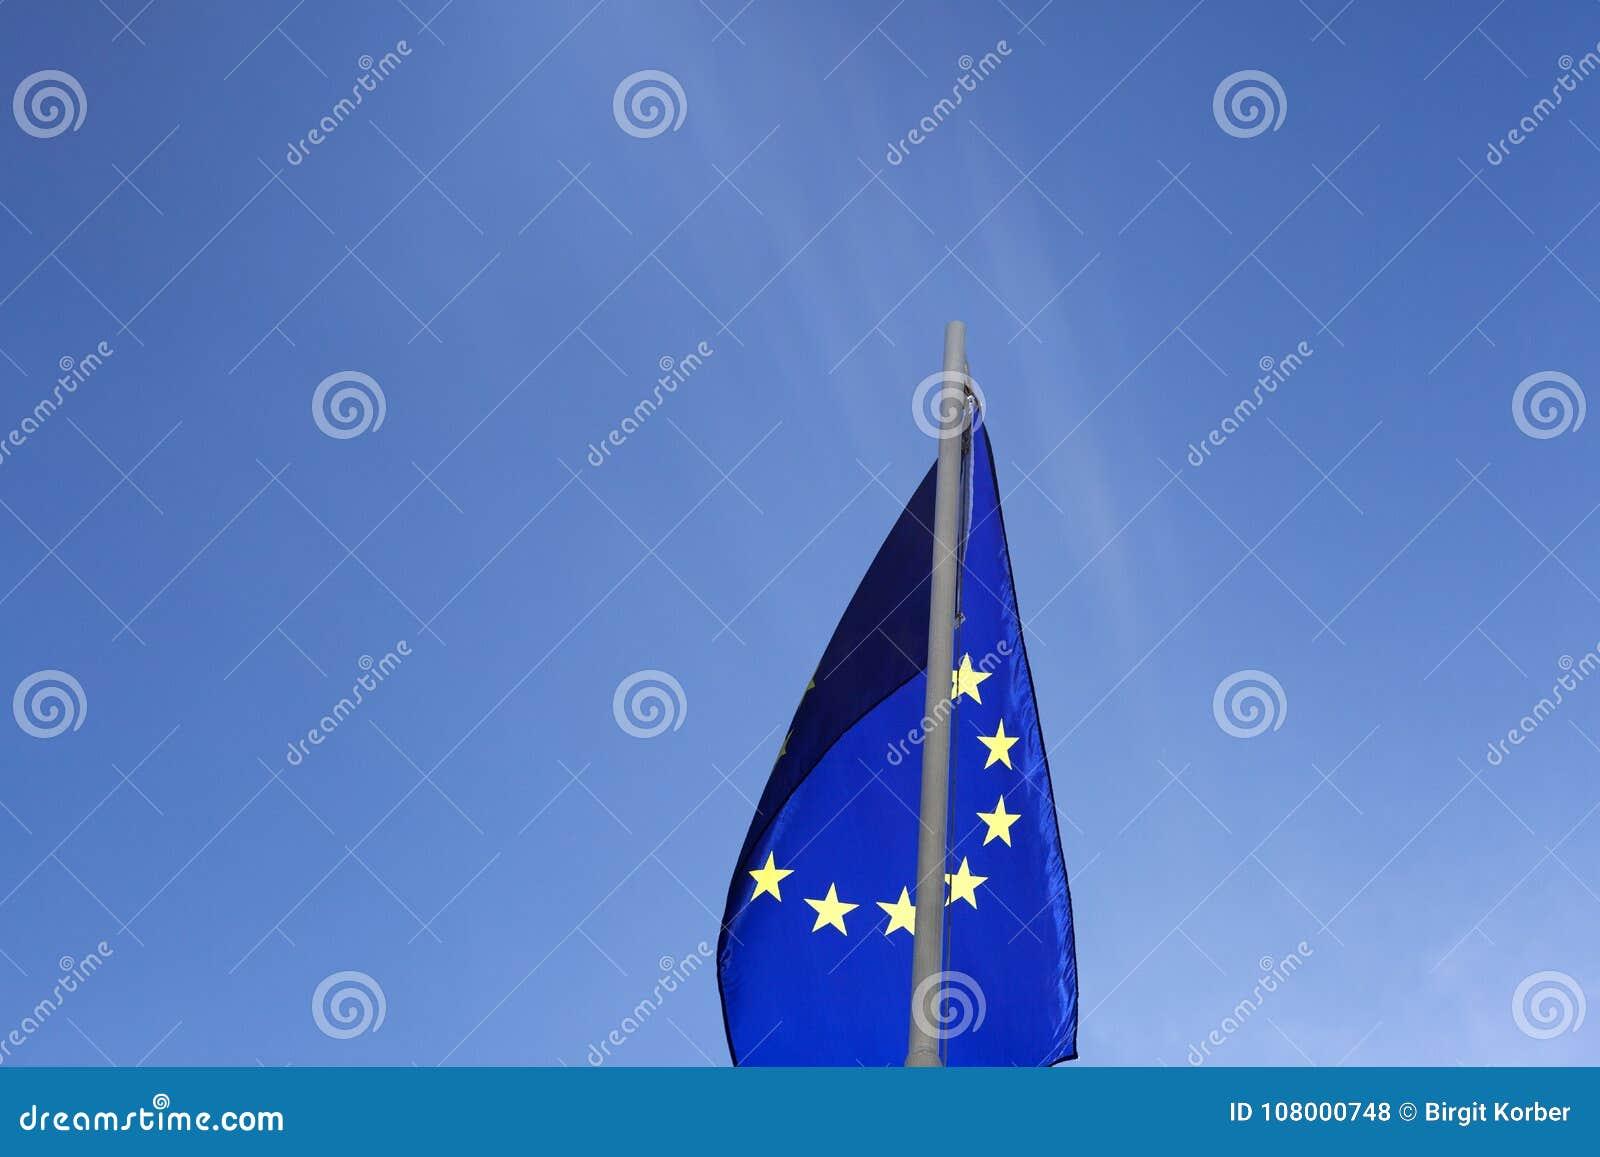 Flaga Europejski zjednoczenie na flagpole